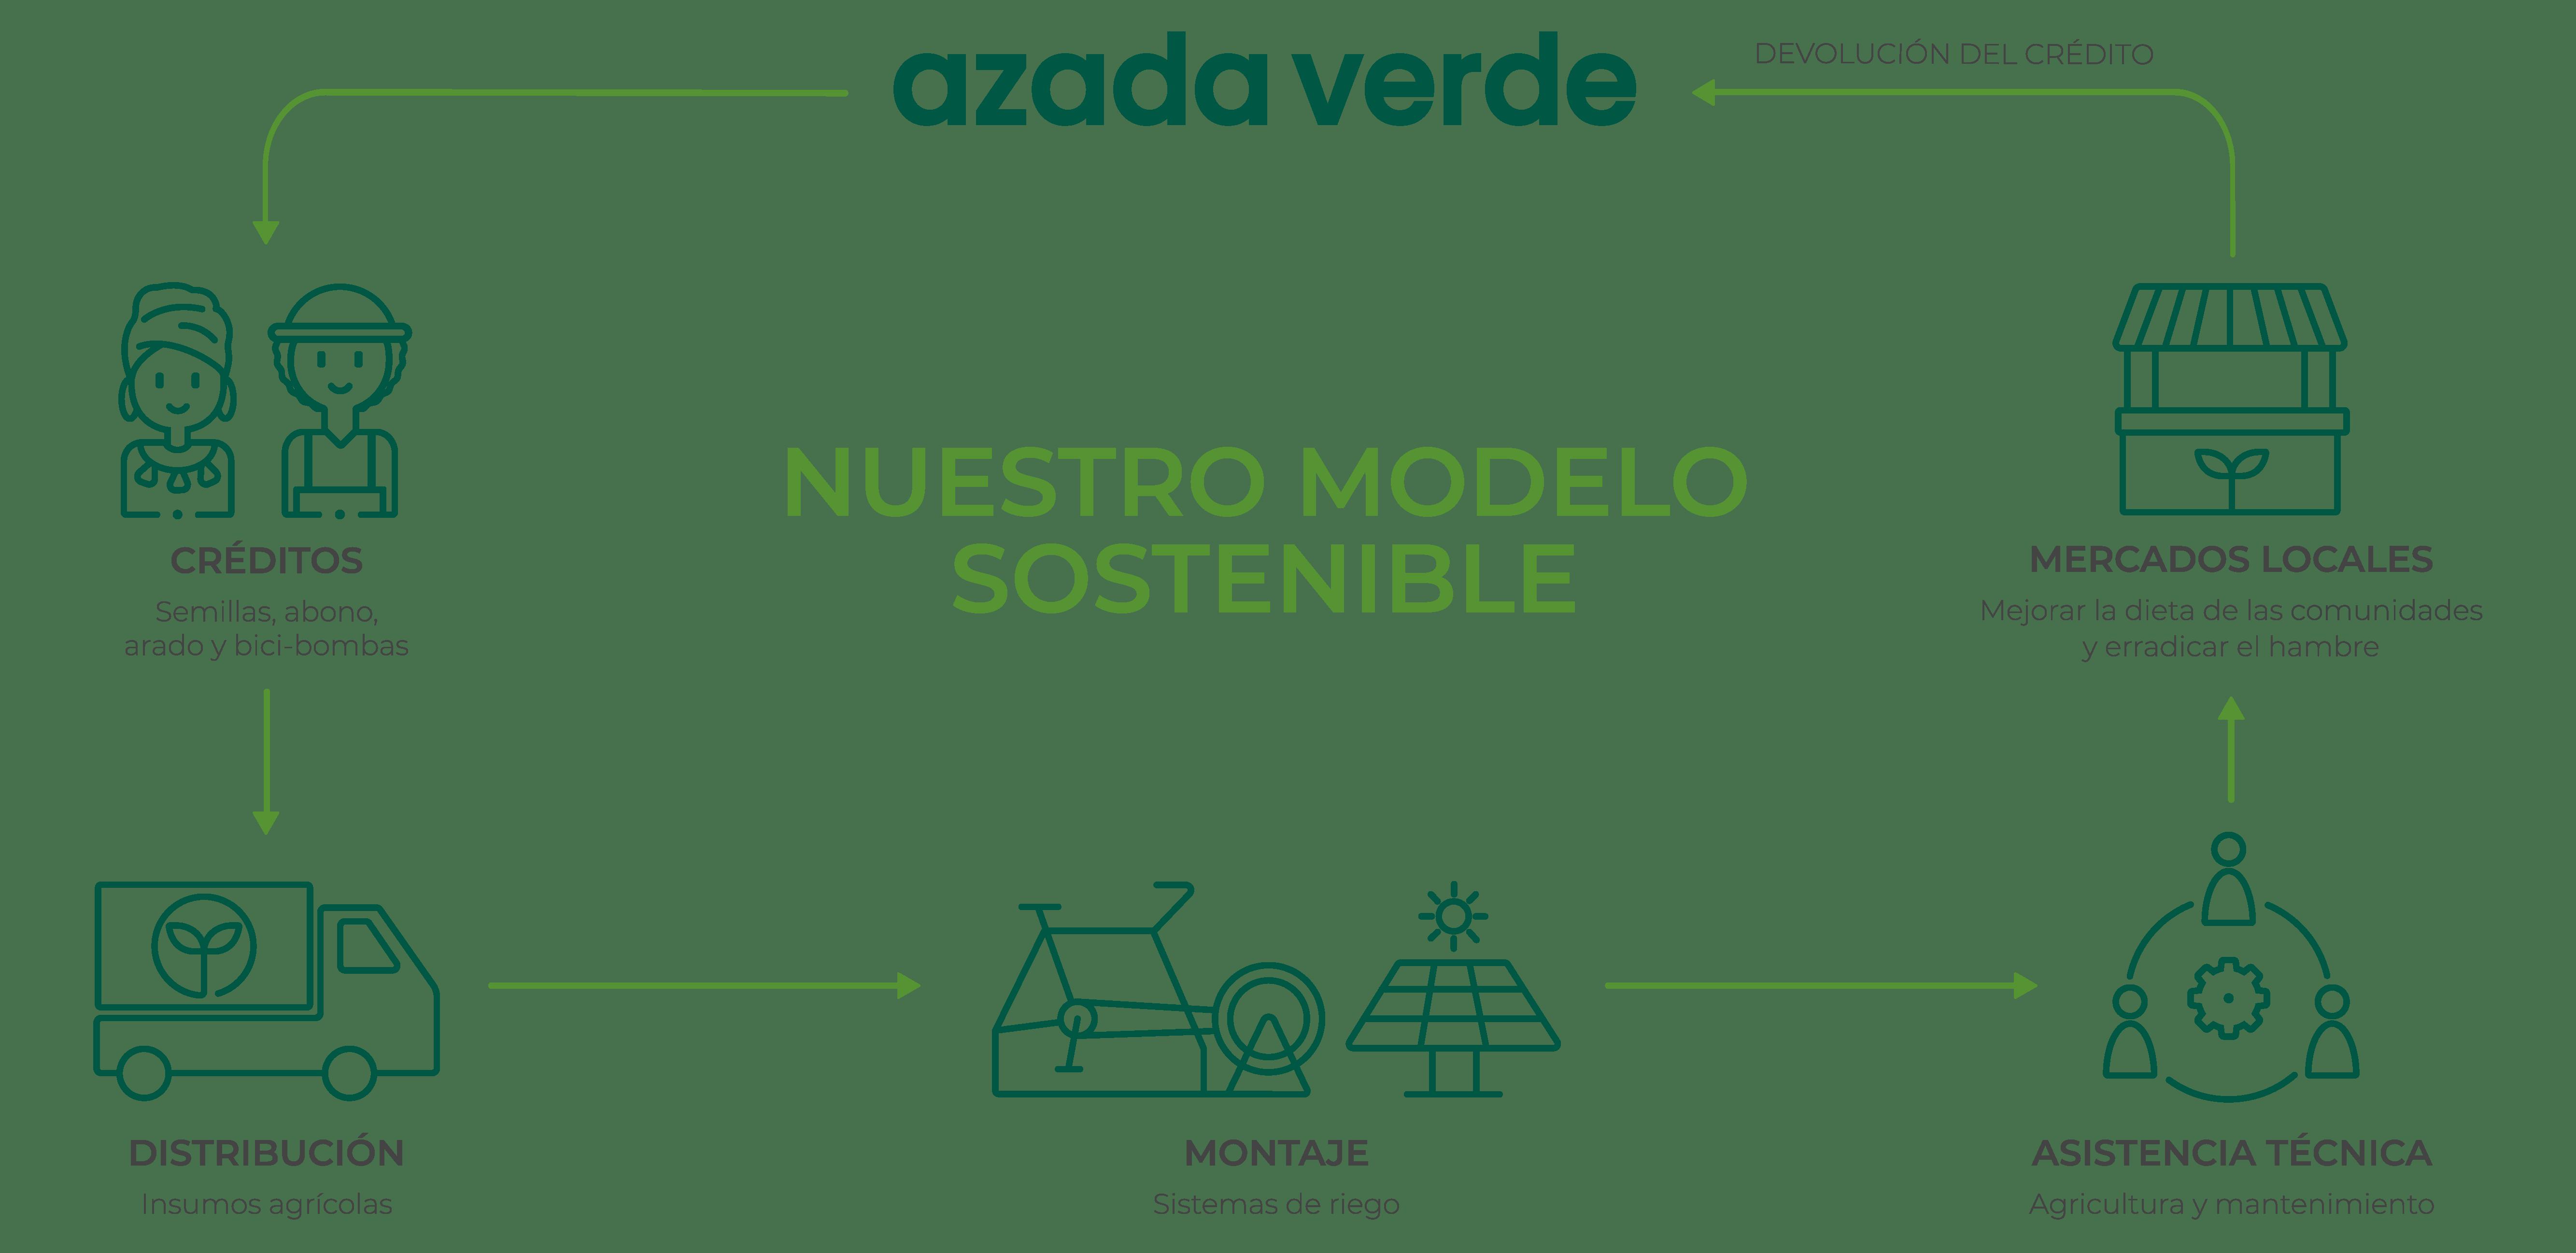 modelo sostenible